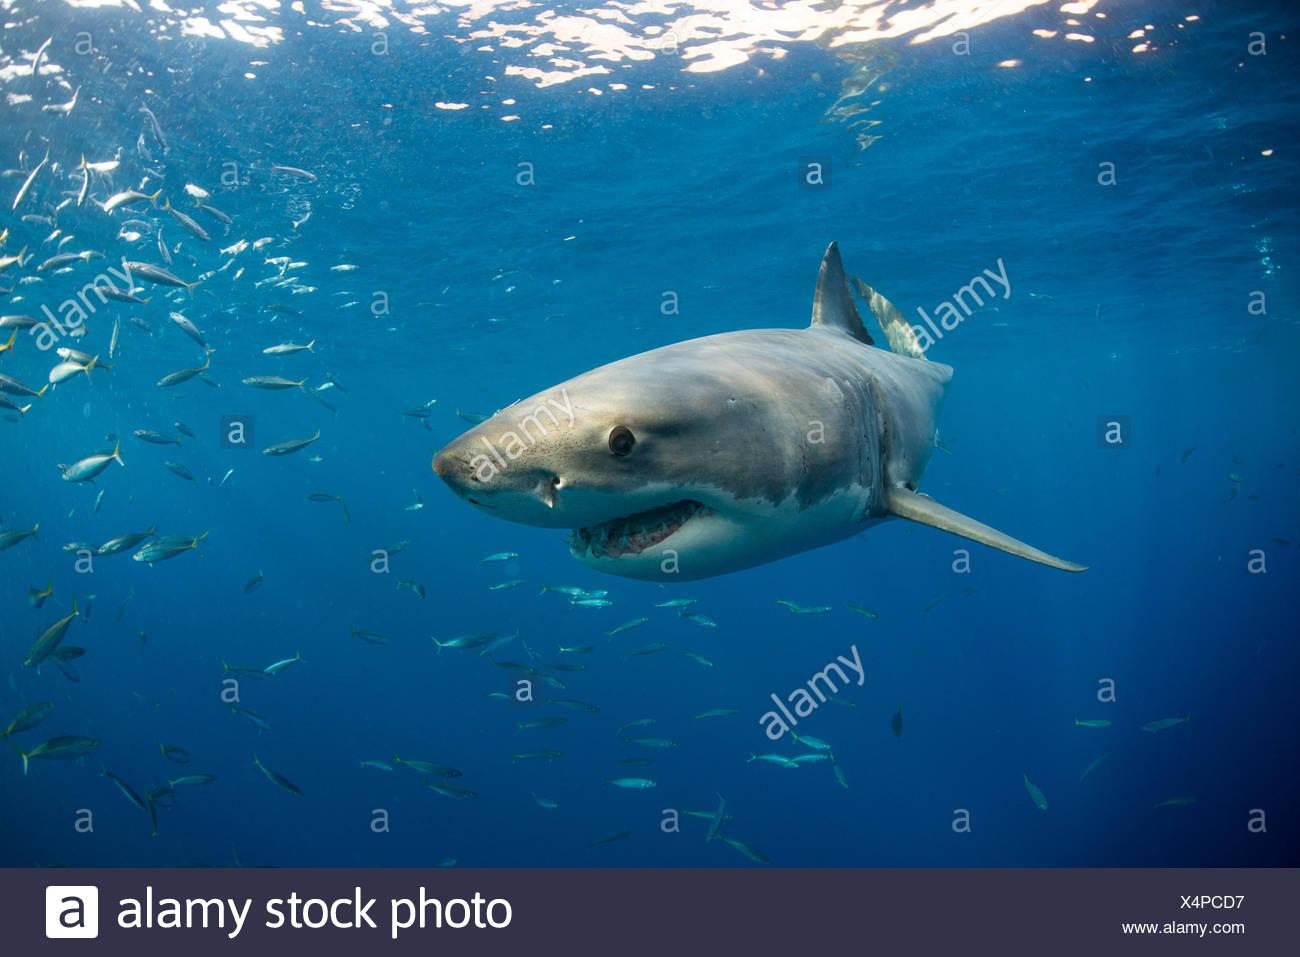 Piscine grand requin blanc (Carcharodon carcharias) près de la surface, Guadalupe, Mexique Photo Stock